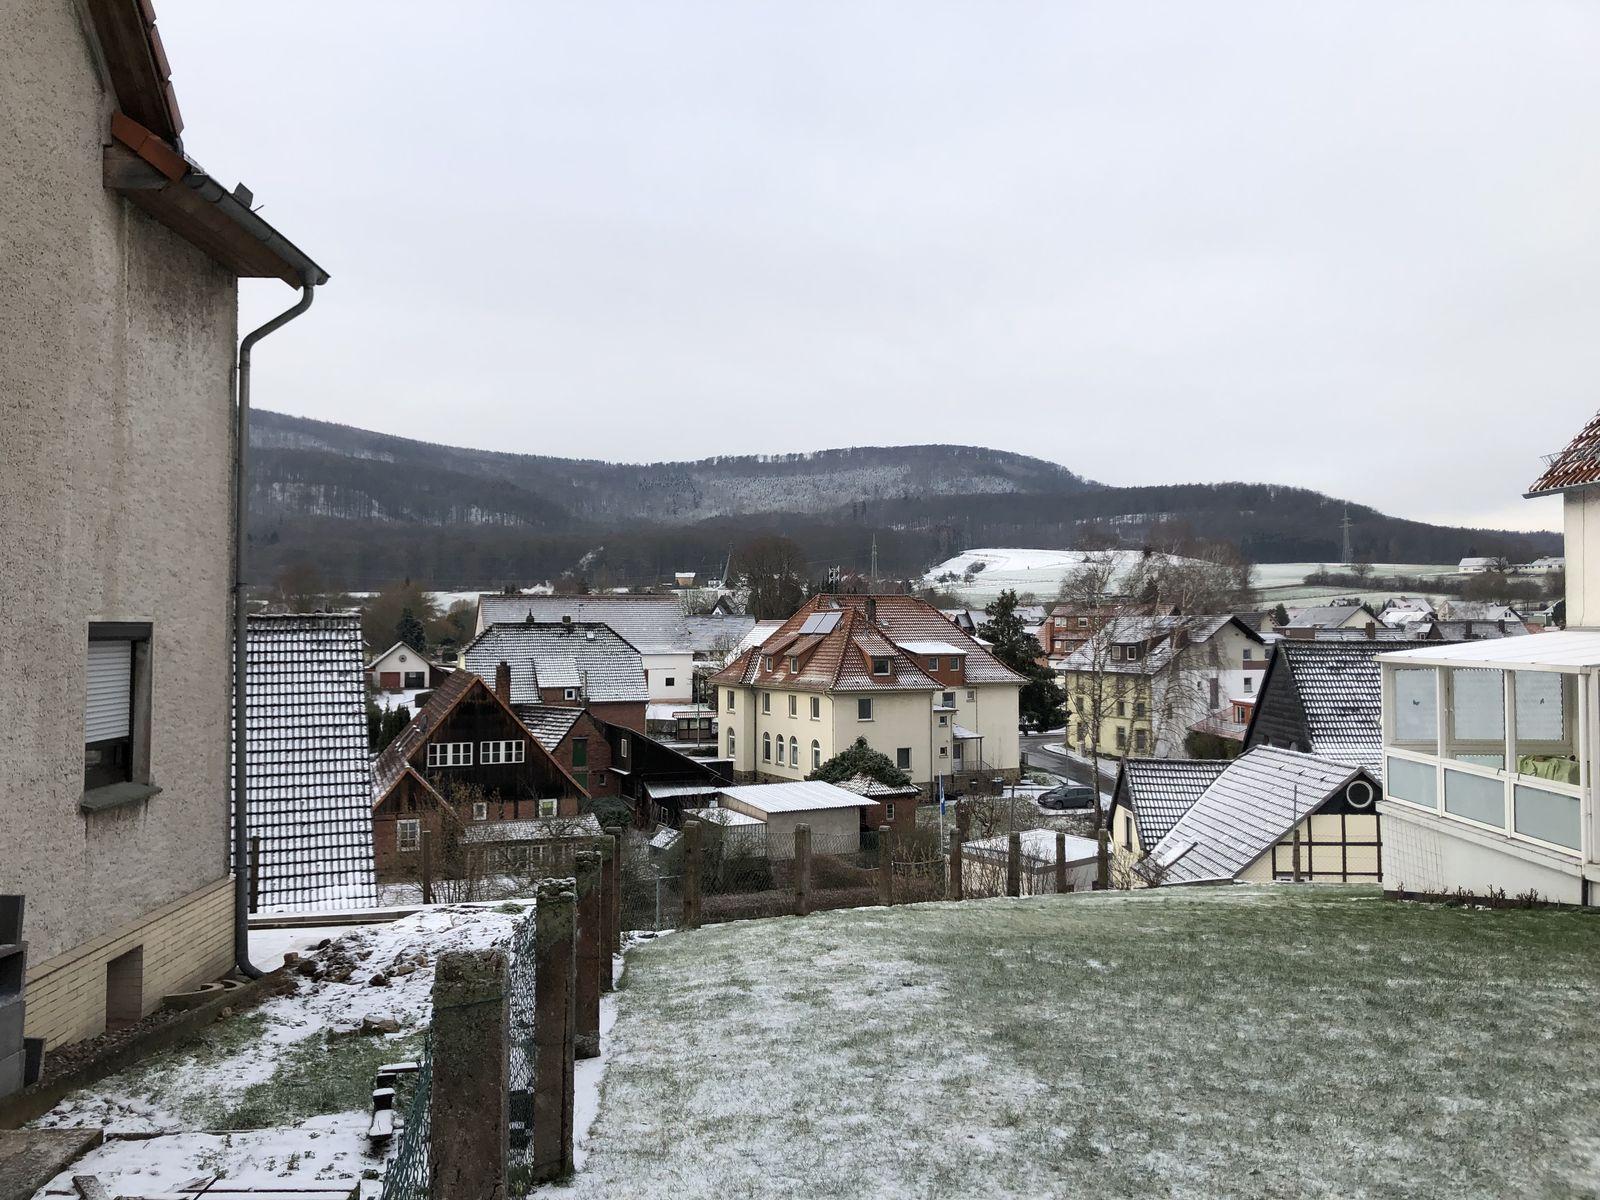 Lügde-Elbrinxen/ Campingplatz/ Missbrauch